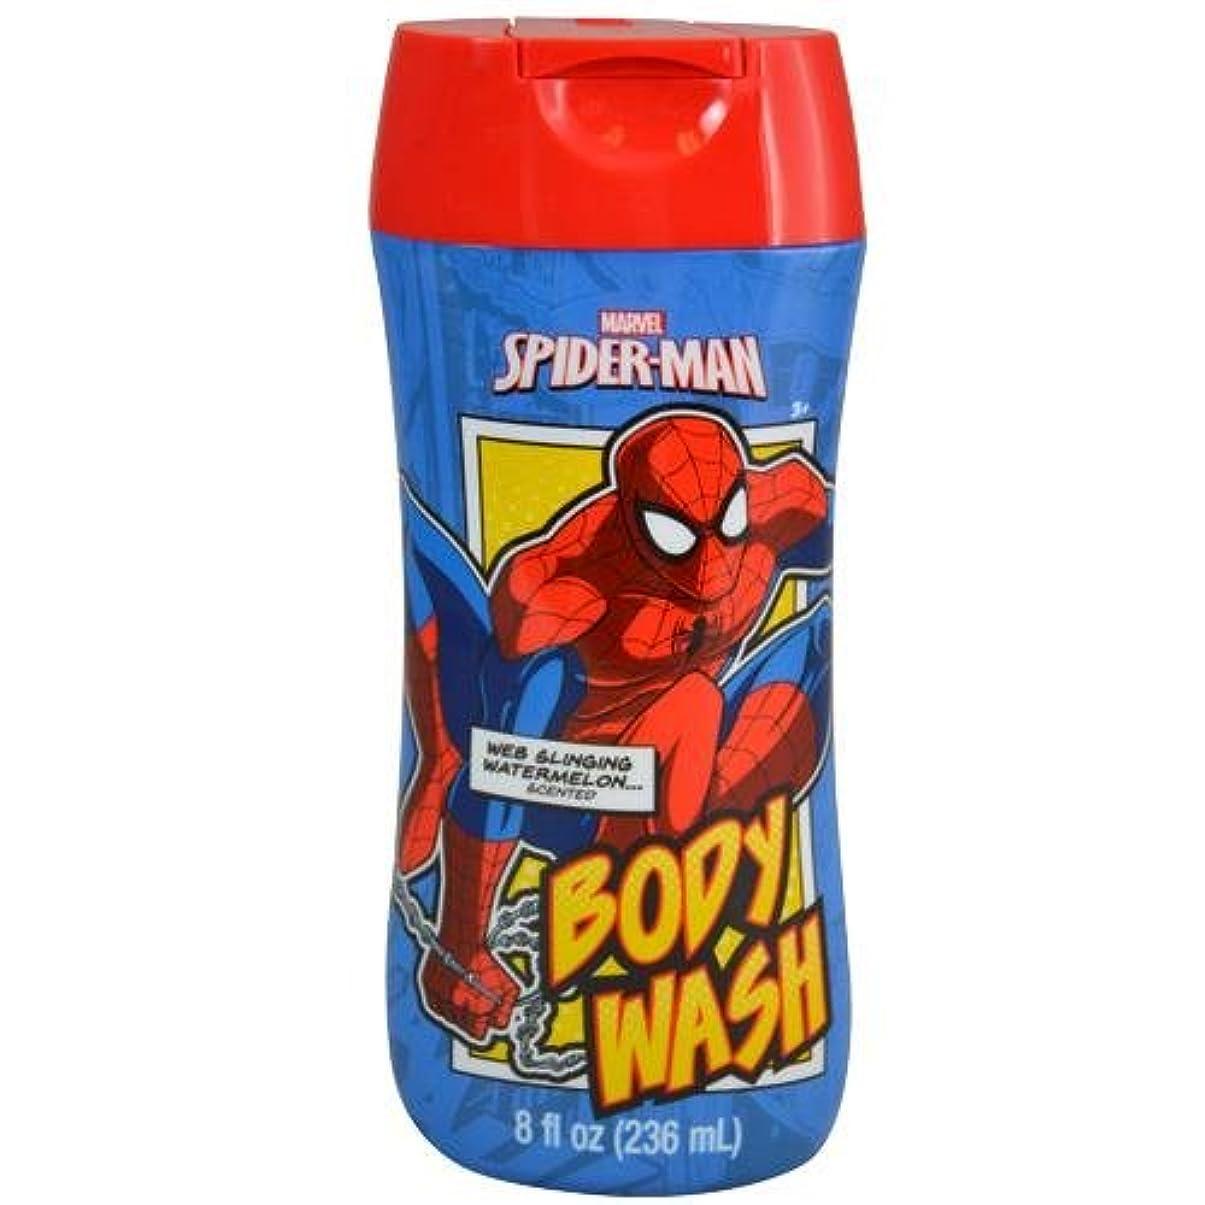 付添人キャロライン超えるスパイダーマン SPIDER-MAN ボディーソープ 12185 MARVEL お風呂 ボディ ソープ 子供用 キッズ ボディソープ MARVEL ボディウォッシュ マーベル ボディーウォッシュ【即日?翌日発送】